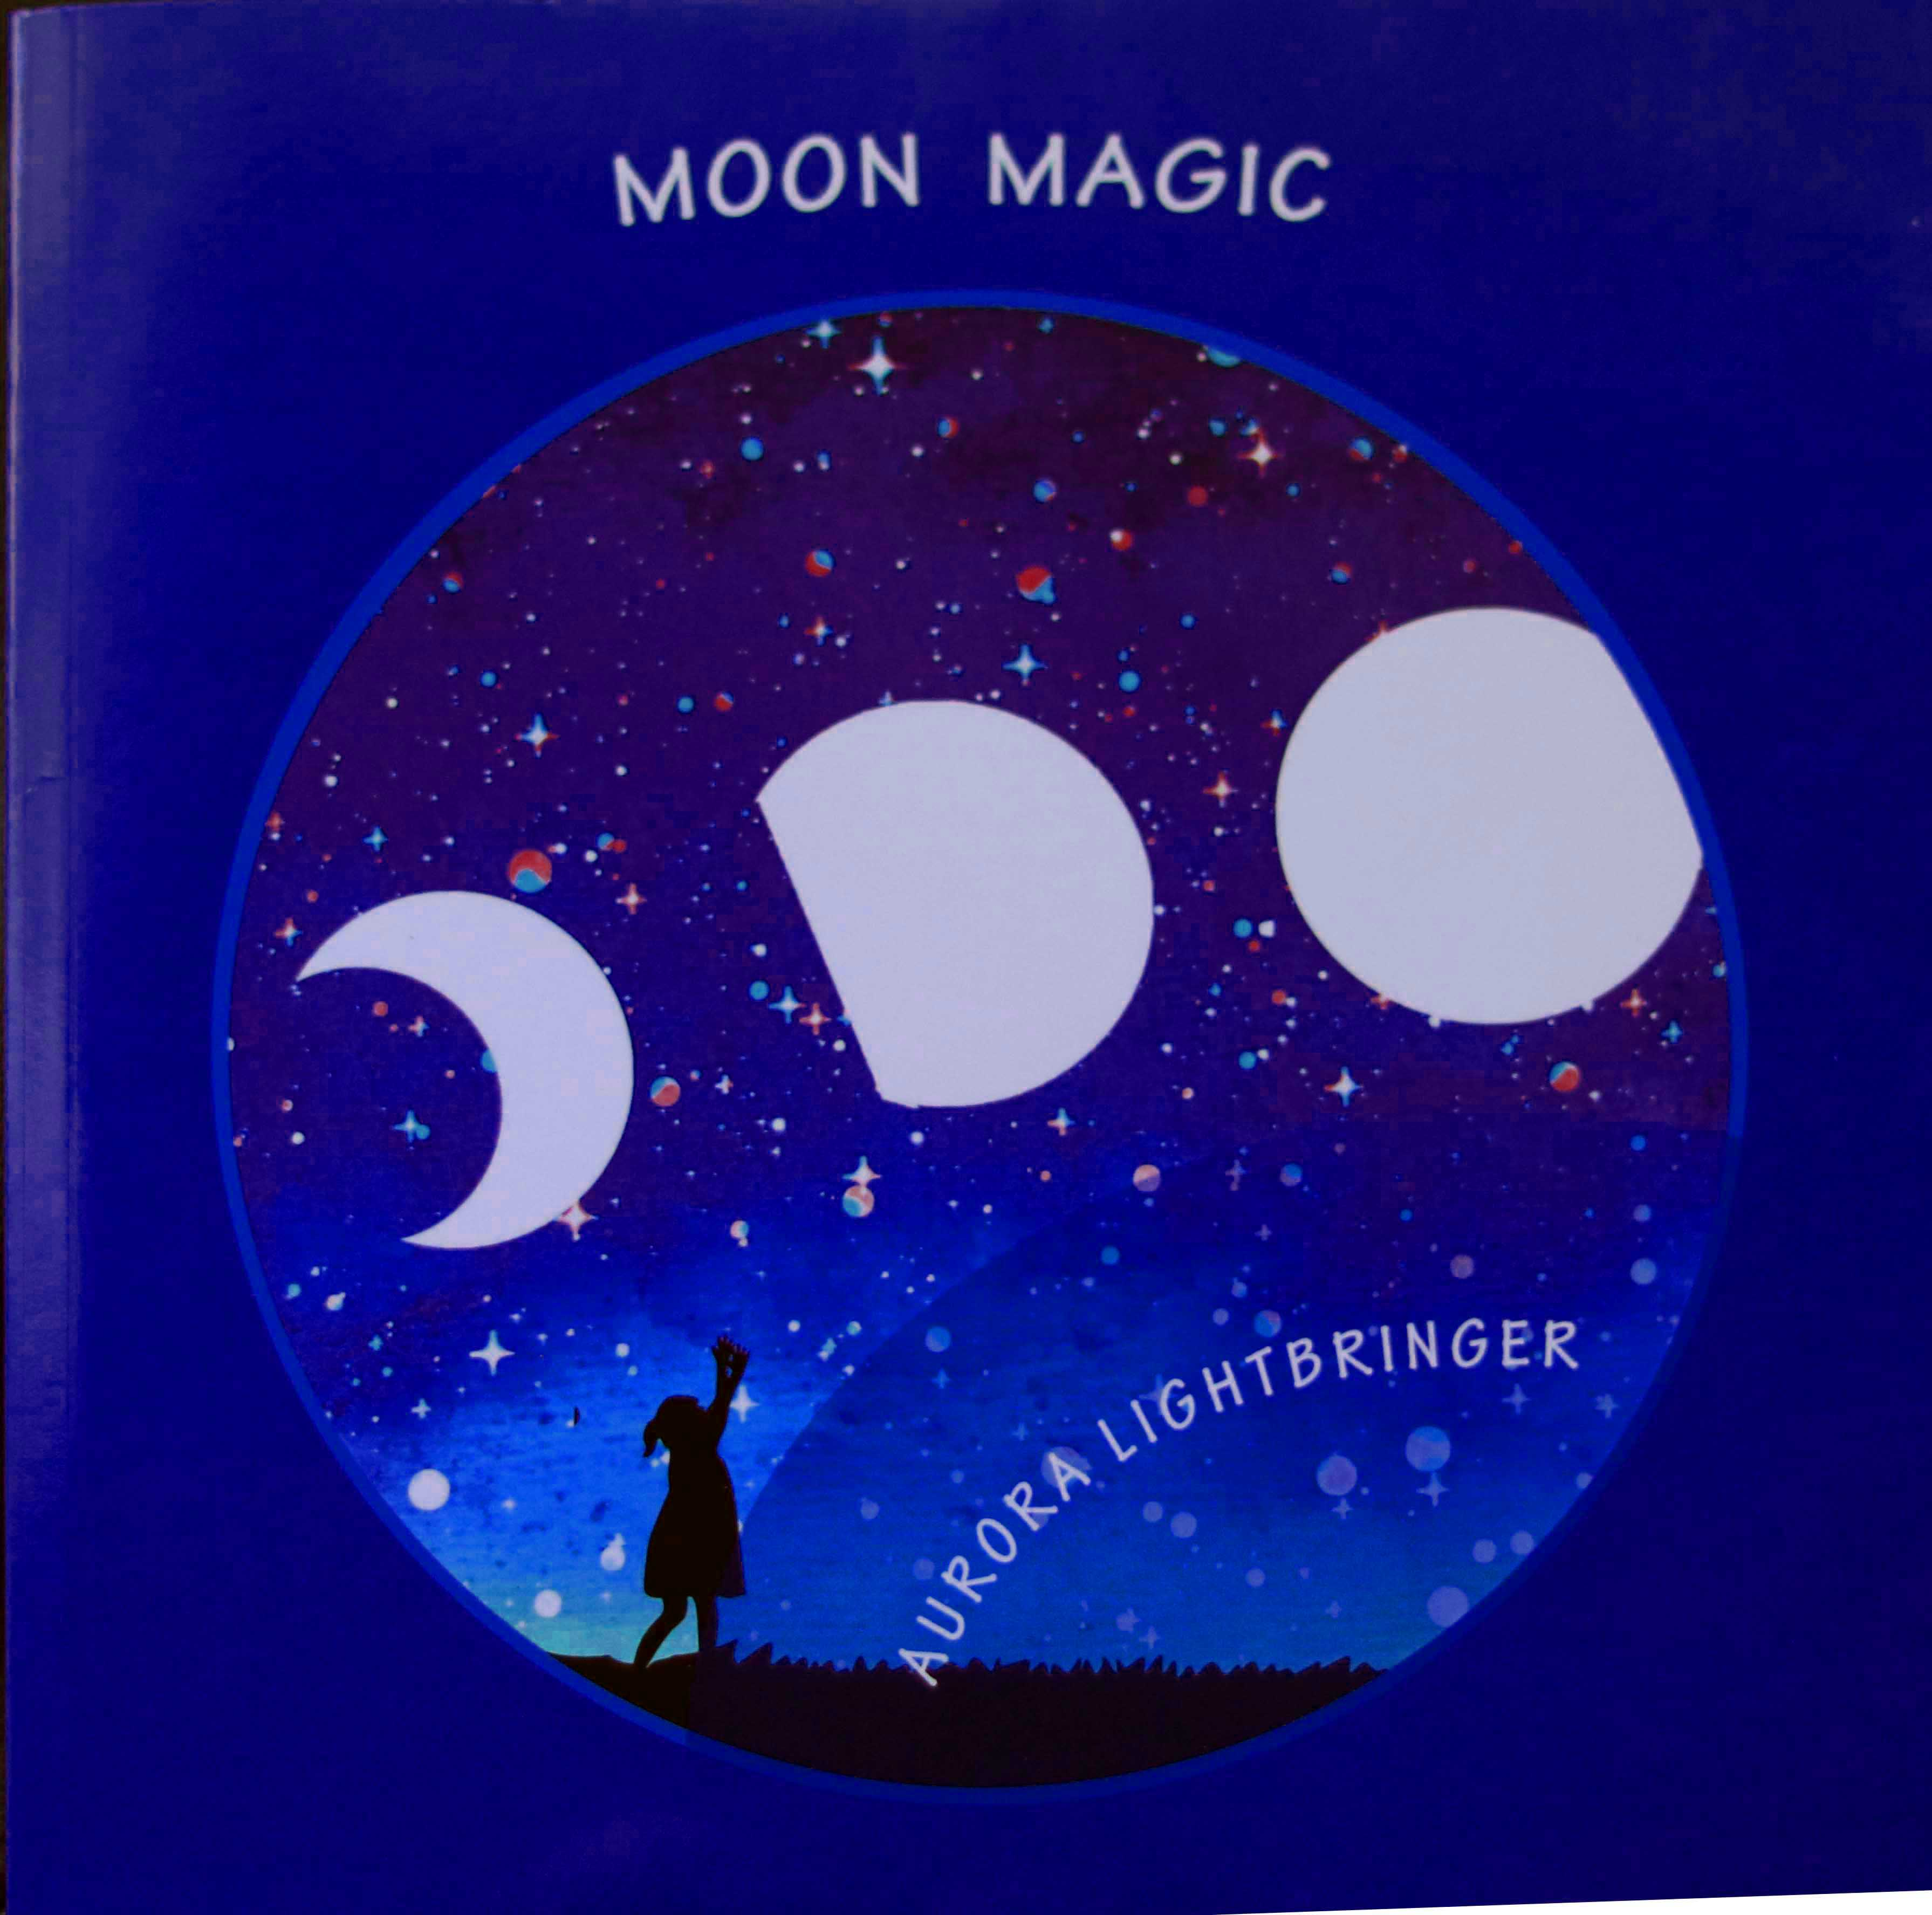 aurora lightbringer moon magic